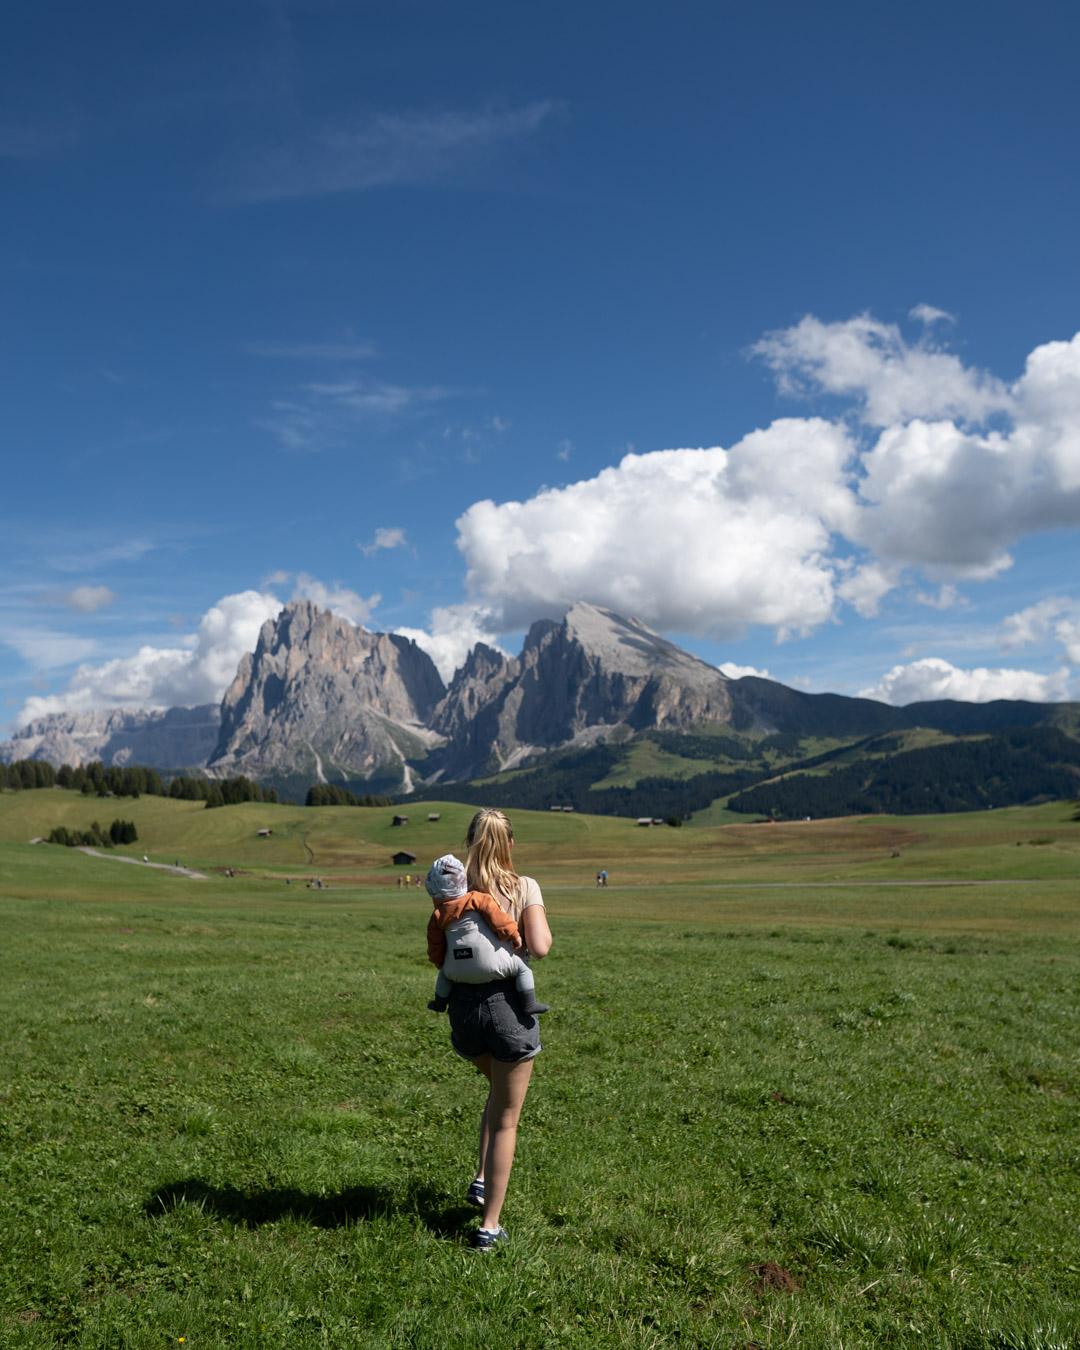 Natur Berge Presets